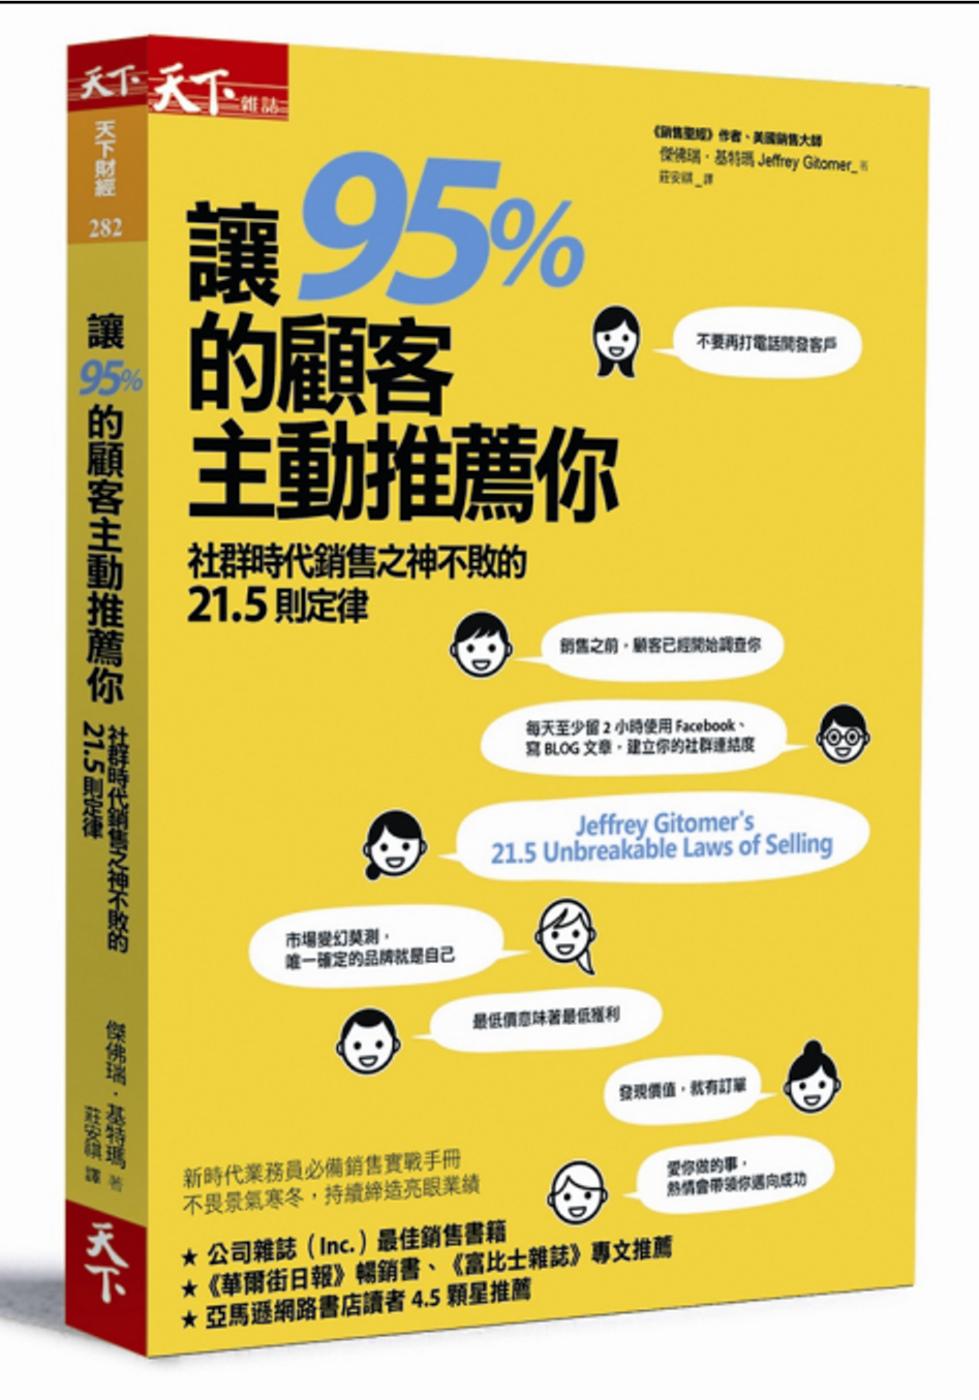 ◤博客來BOOKS◢ 暢銷書榜《推薦》讓95%的顧客主動推薦你:社群時代銷售之神不敗的21.5則定律